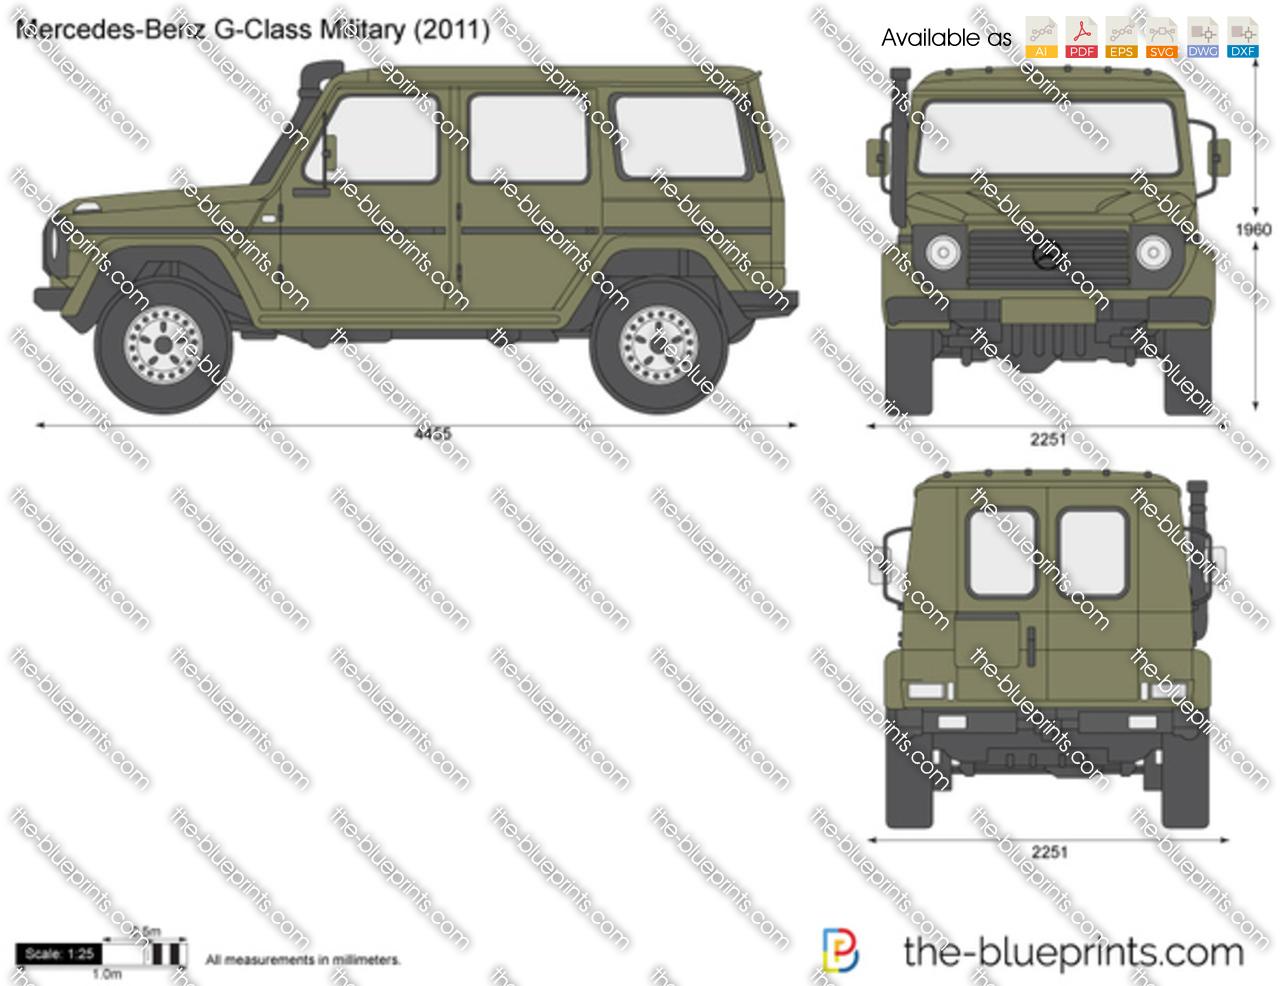 Mercedes-Benz G-Class Military 461 2018